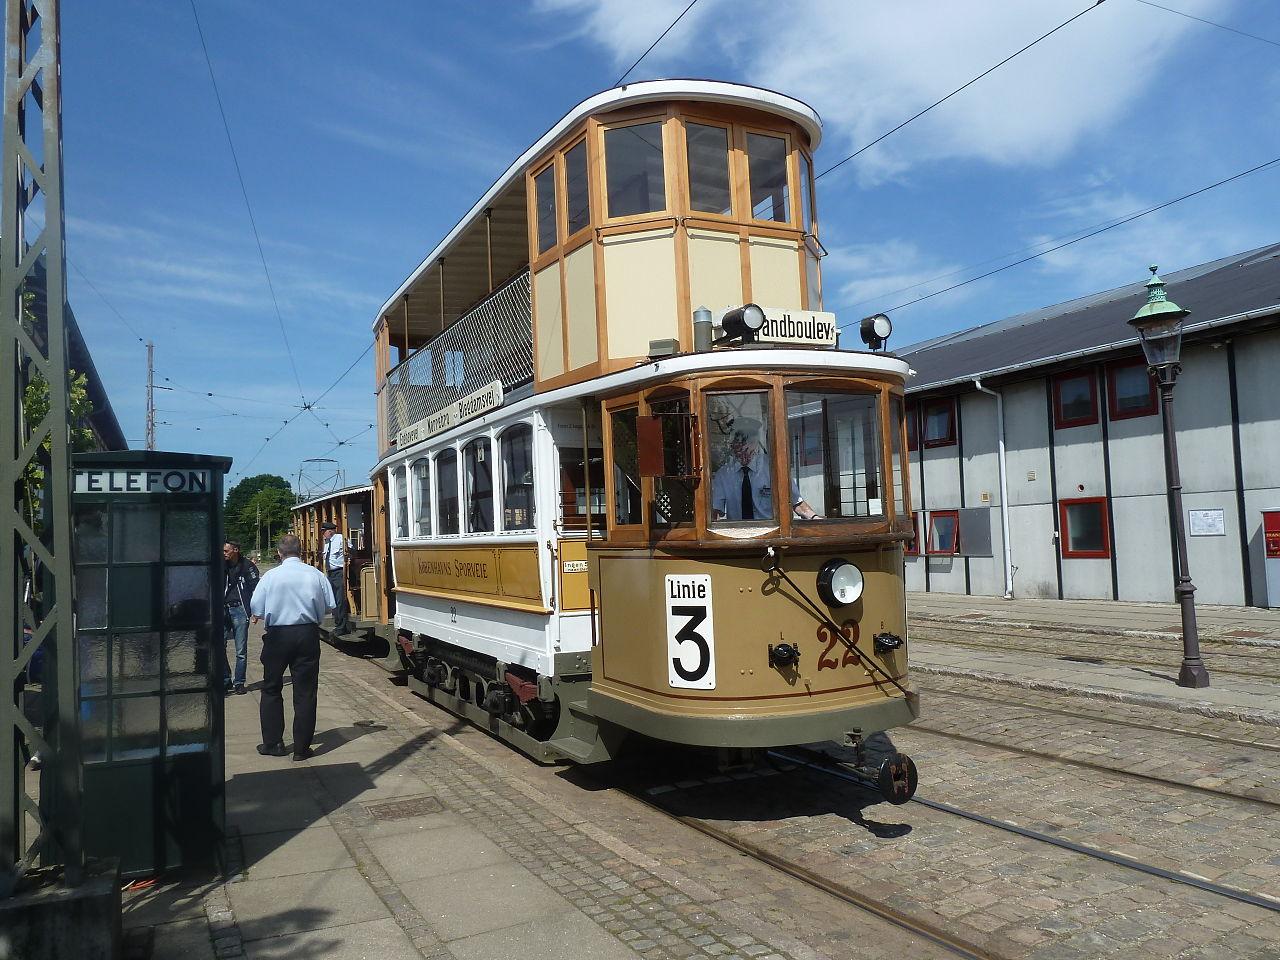 V Kodani byly v provozu i patrové tramvaje, jak dokumentuje tento snímek historického vozu. (zdroj: Wikipedia.org)